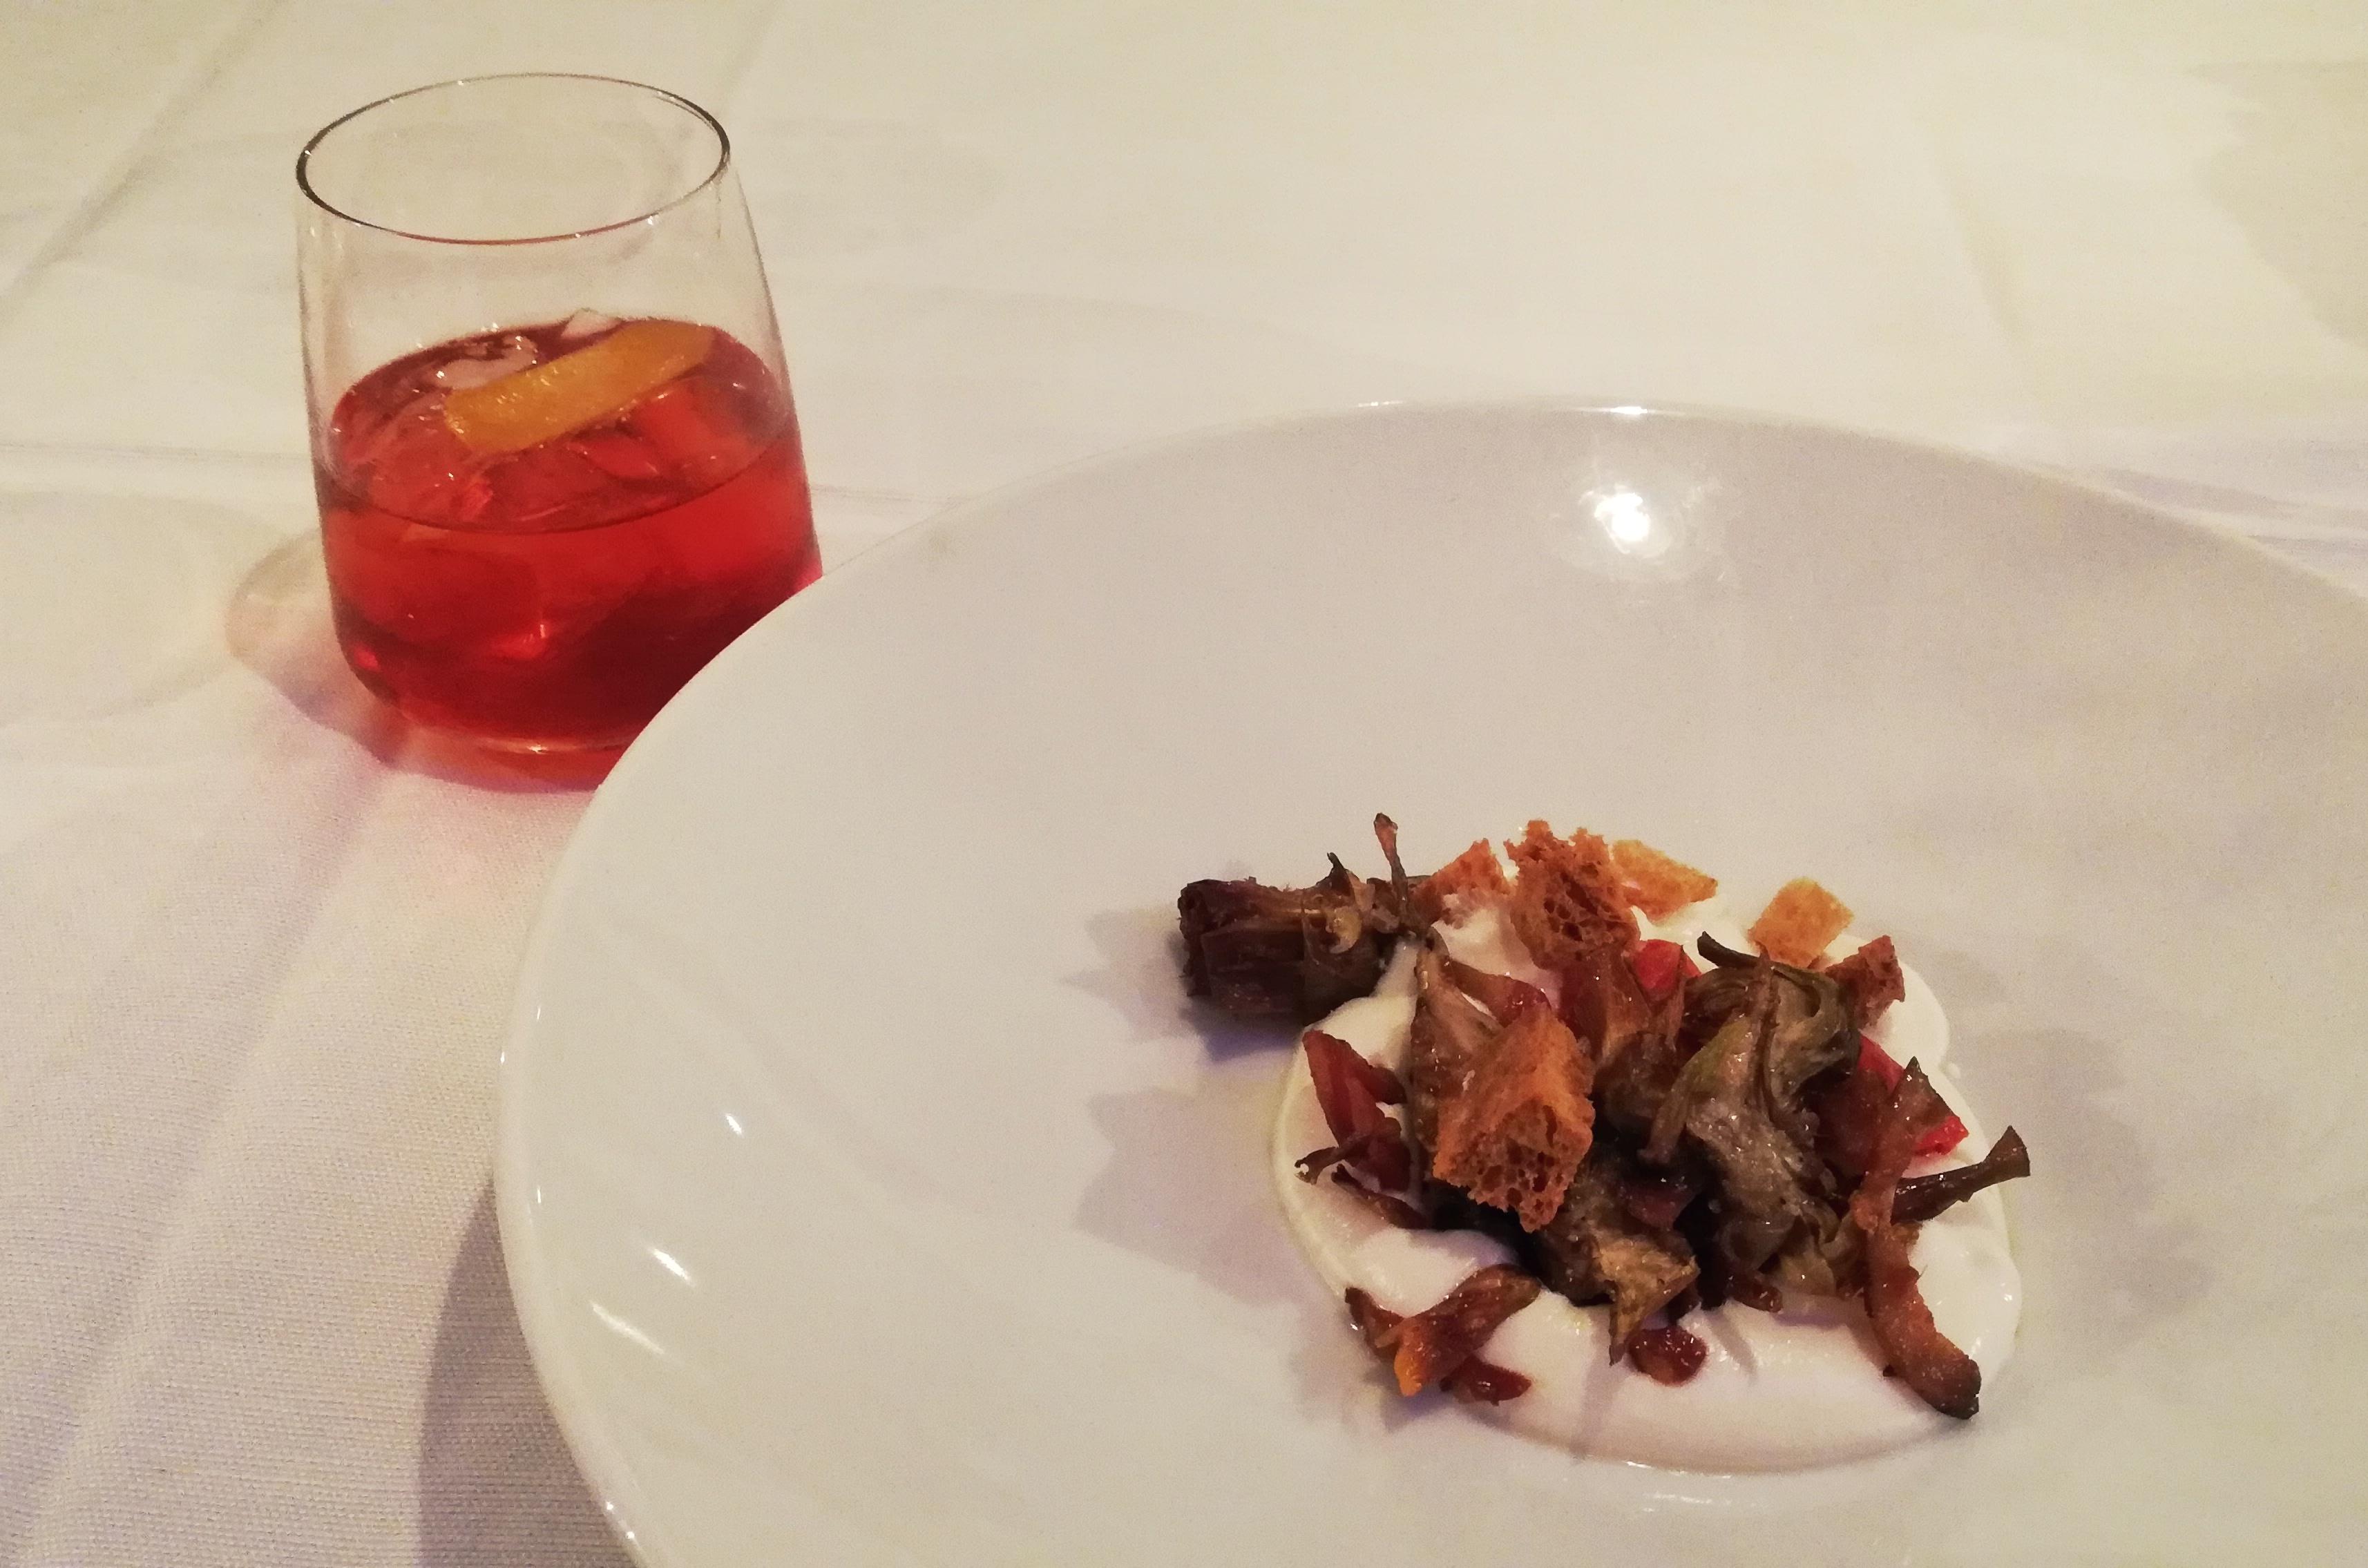 Accostamenti In Cucina innovazione in cucina: l'accostamento cibo-cocktail a